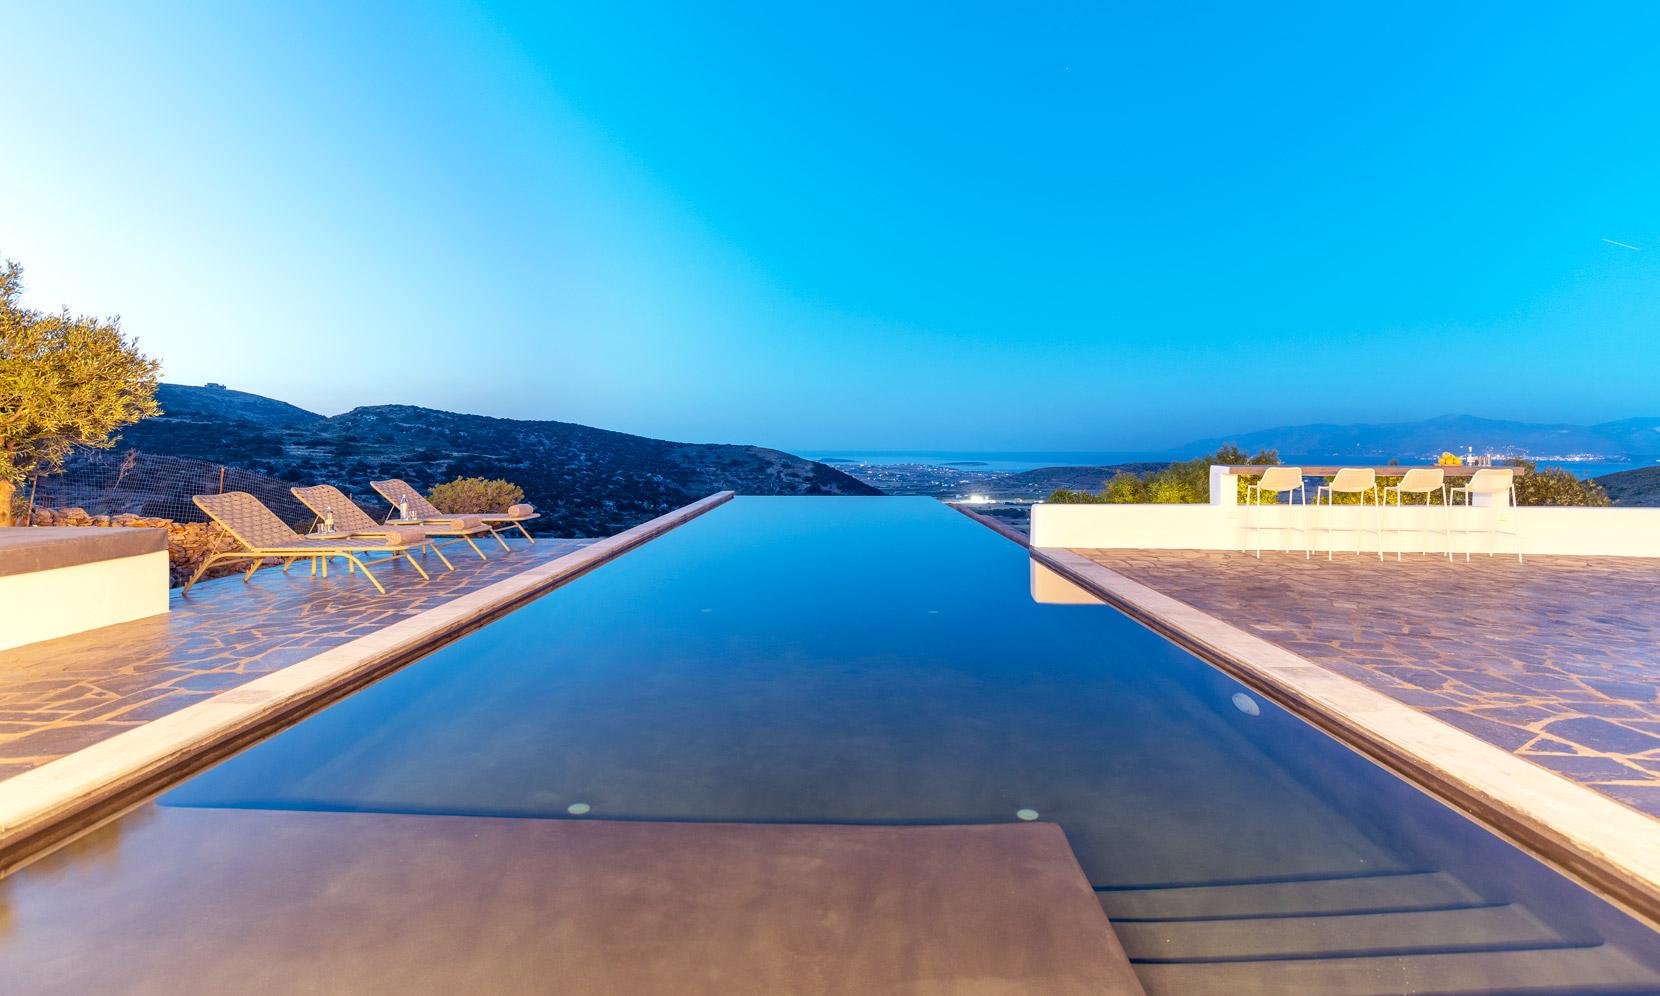 Paros Villa Cielo jumbotron image